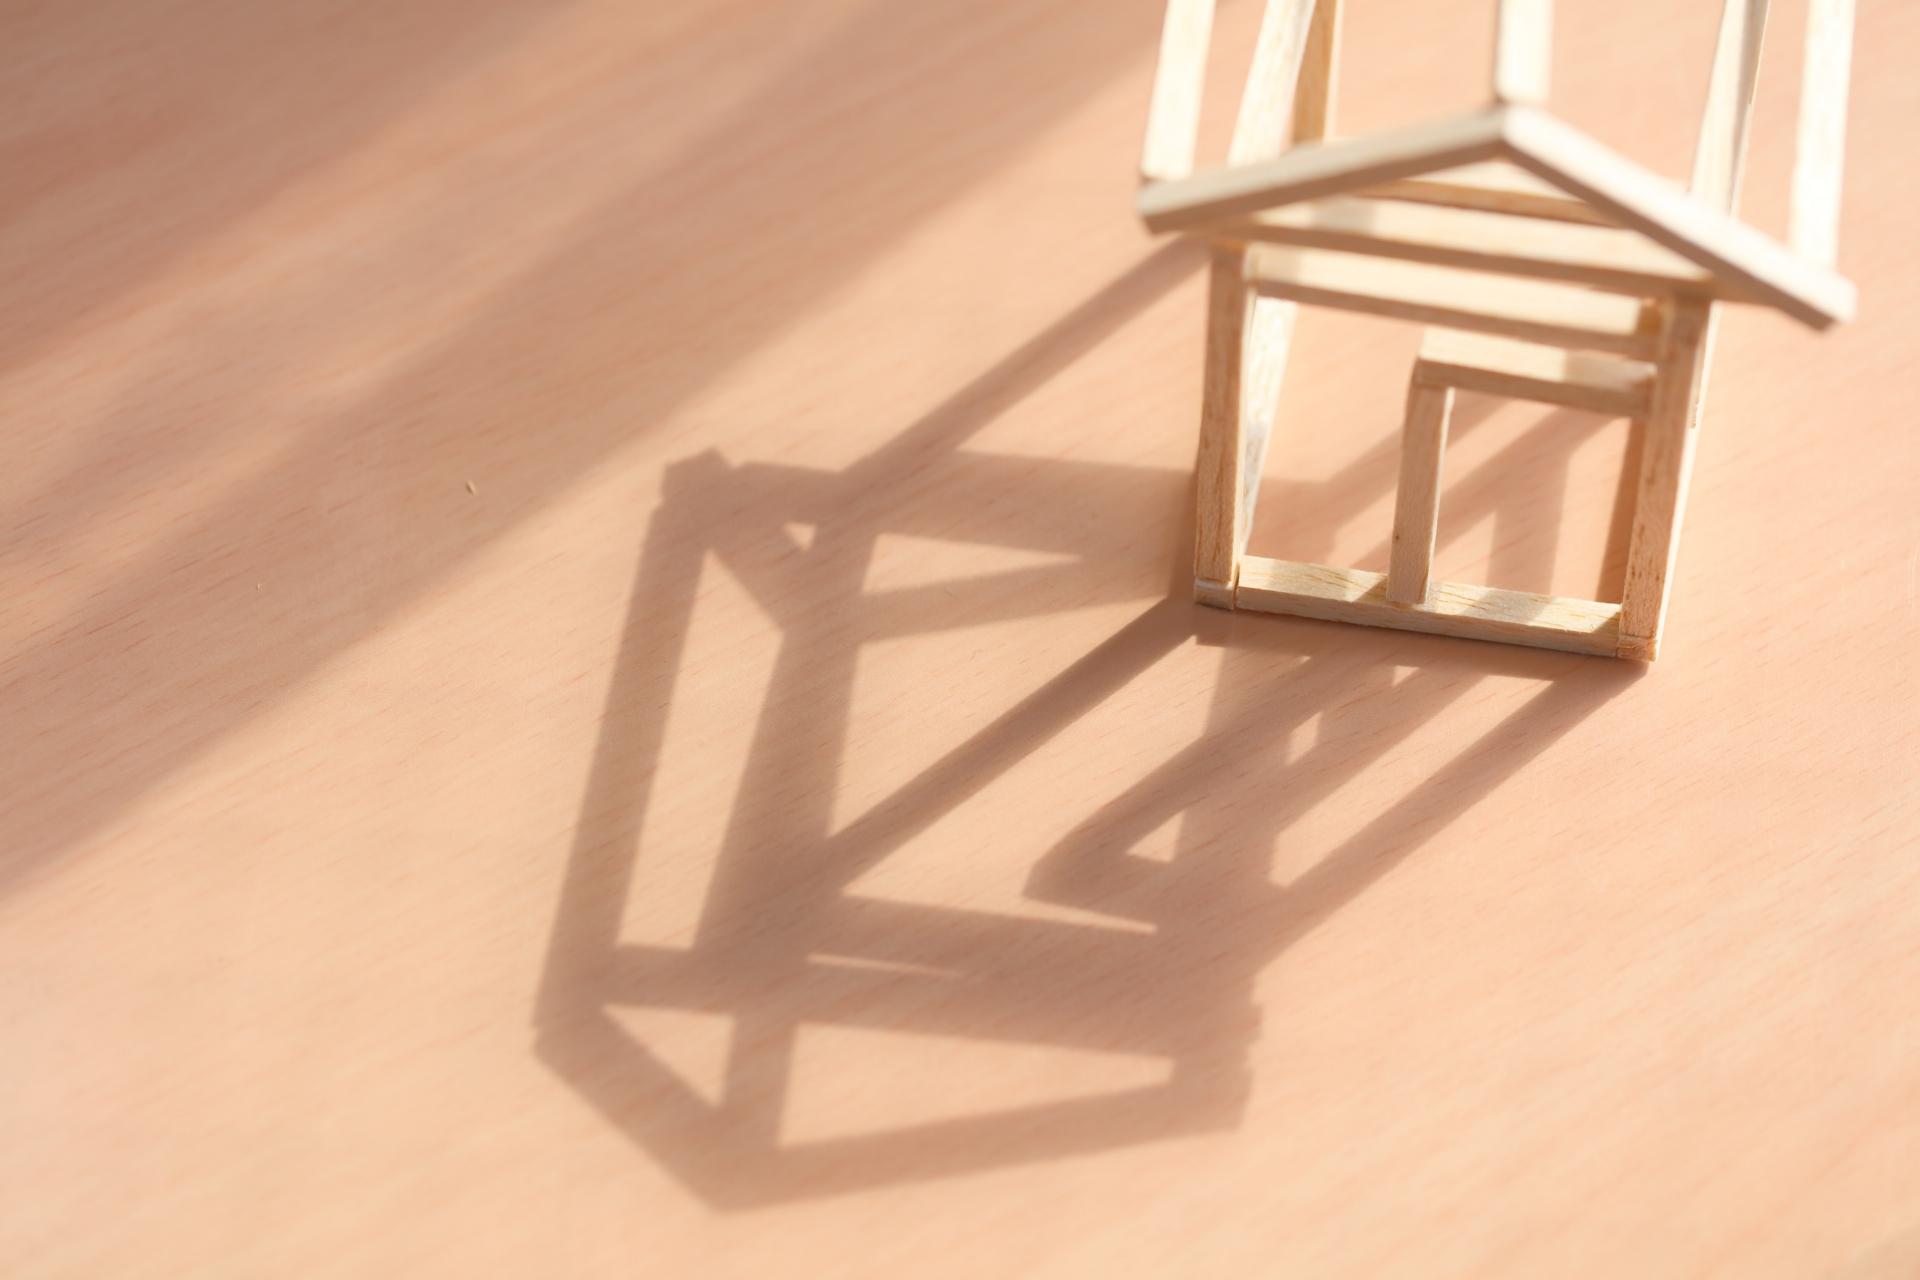 アフターコロナの家づくりはプラス1部屋確保が理想的